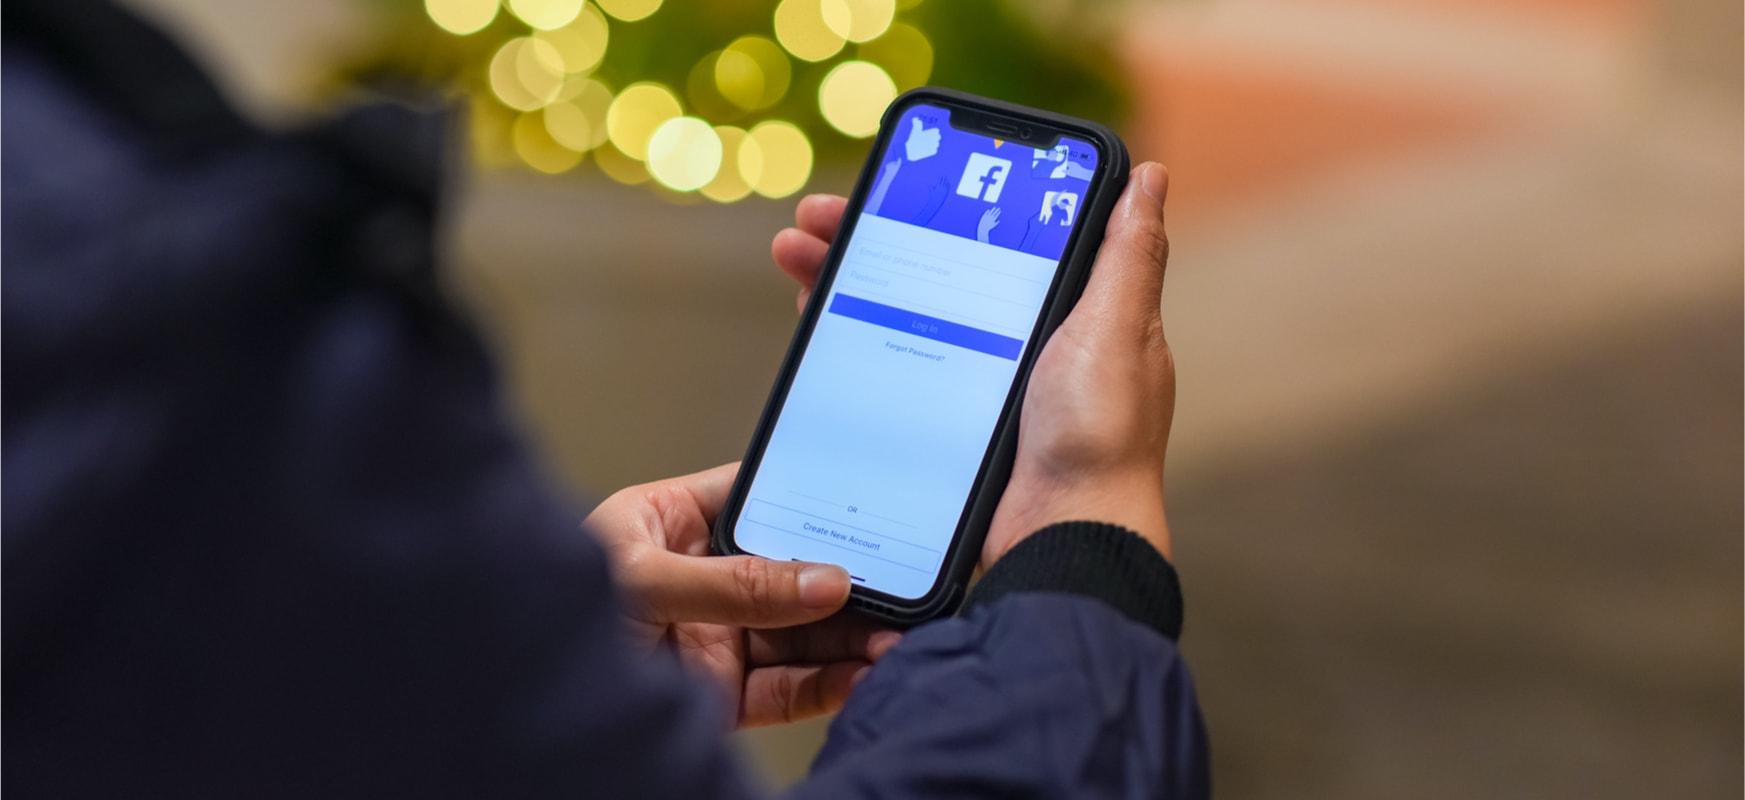 Azkenean, Facebook aplikazioa esku batekin erabil dezakezu.  Hori da menu berria